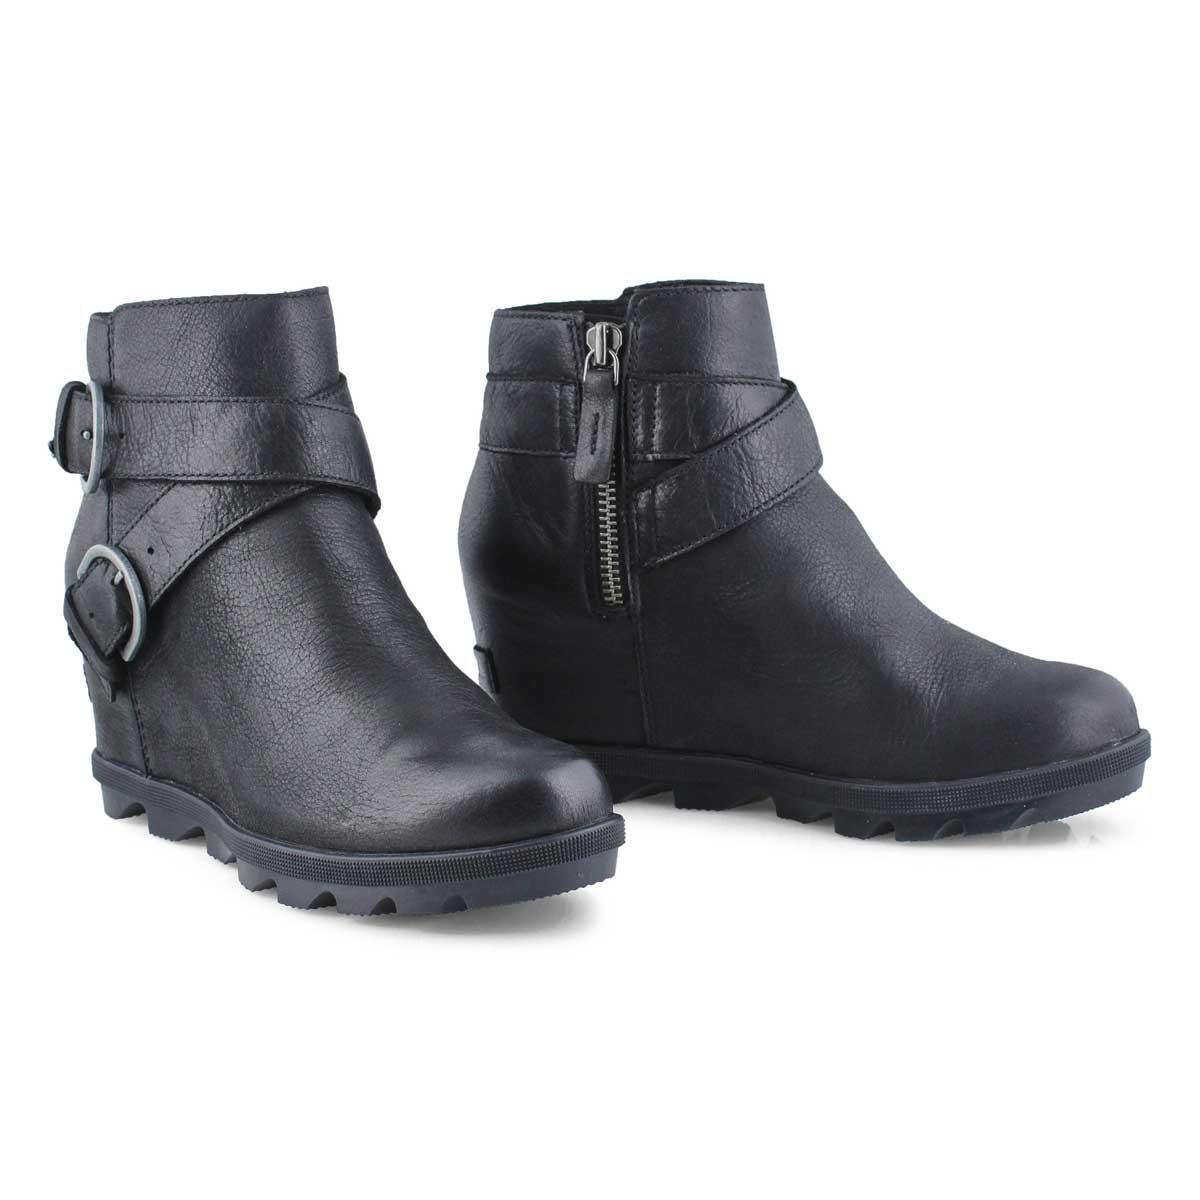 Lds JOA Wedge II Buckle black wtpf boot